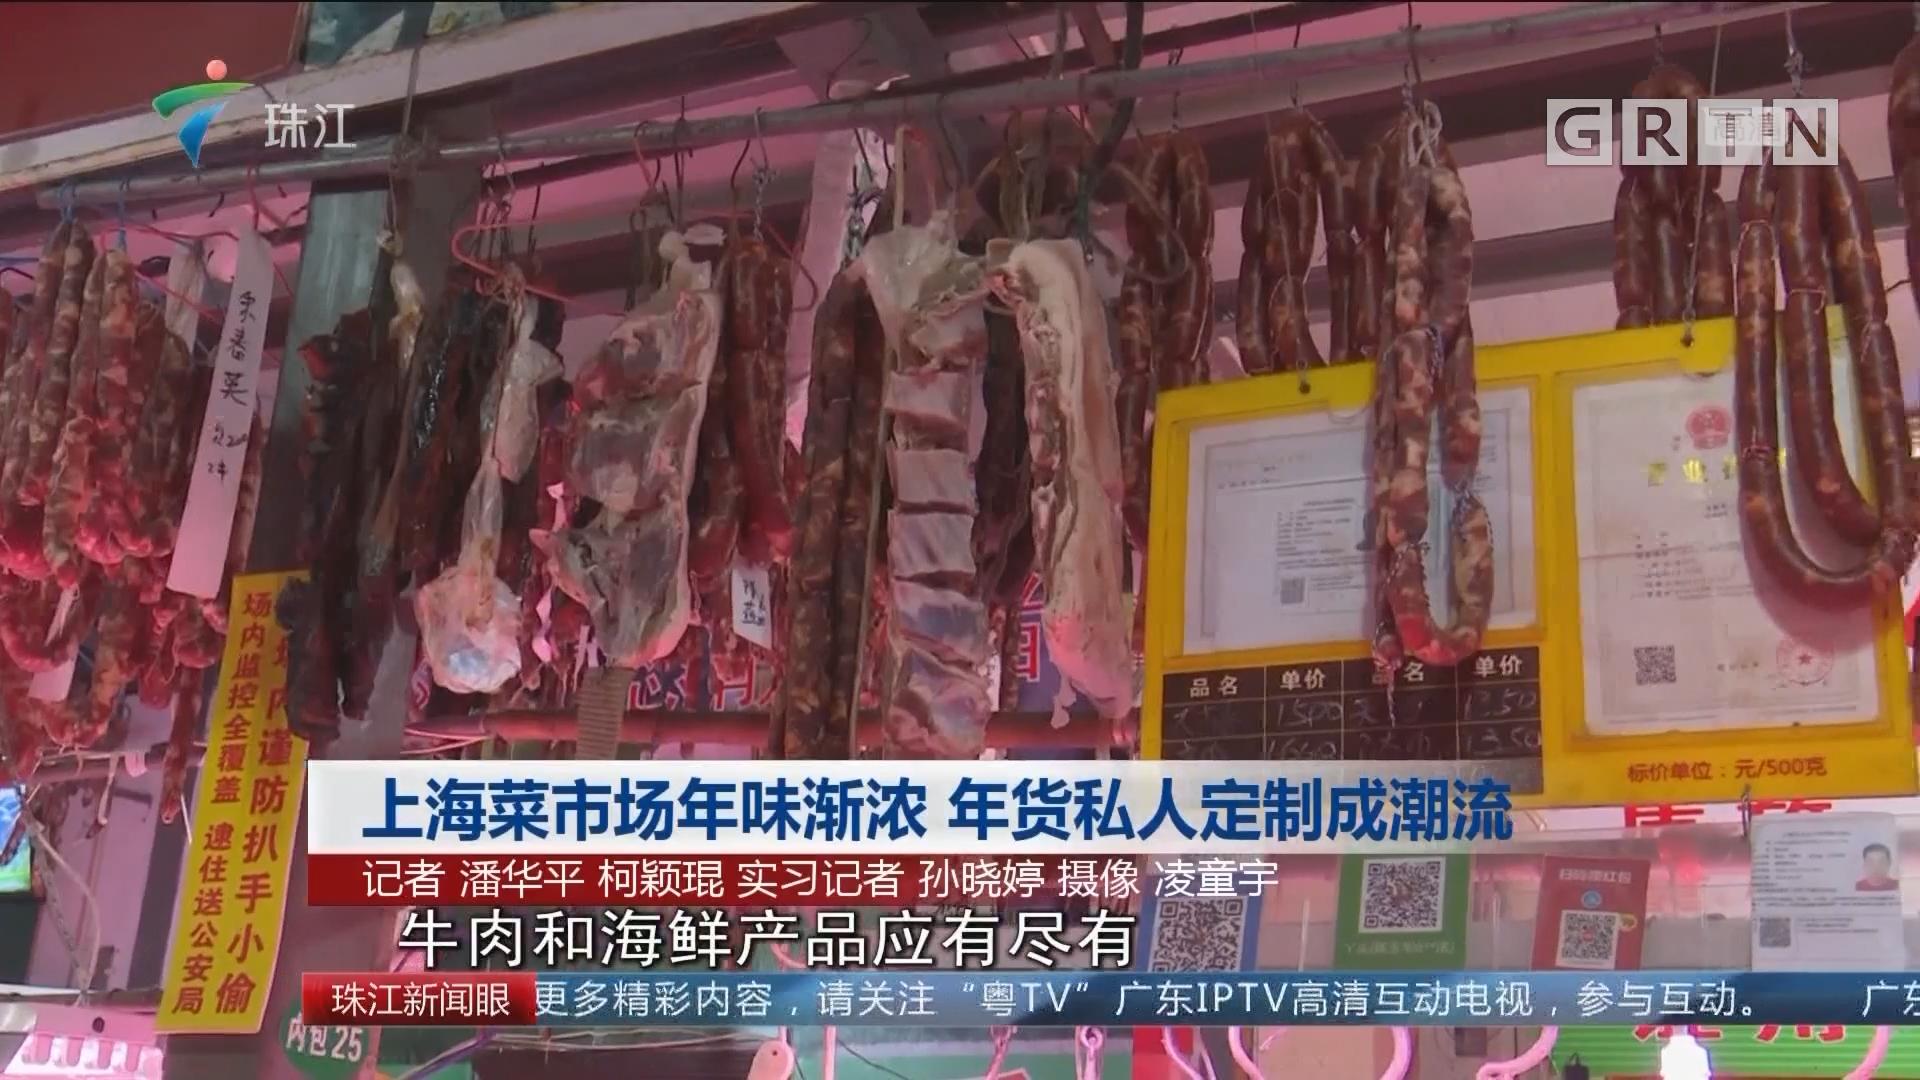 上海菜市场年味渐浓 年货私人订制成潮流